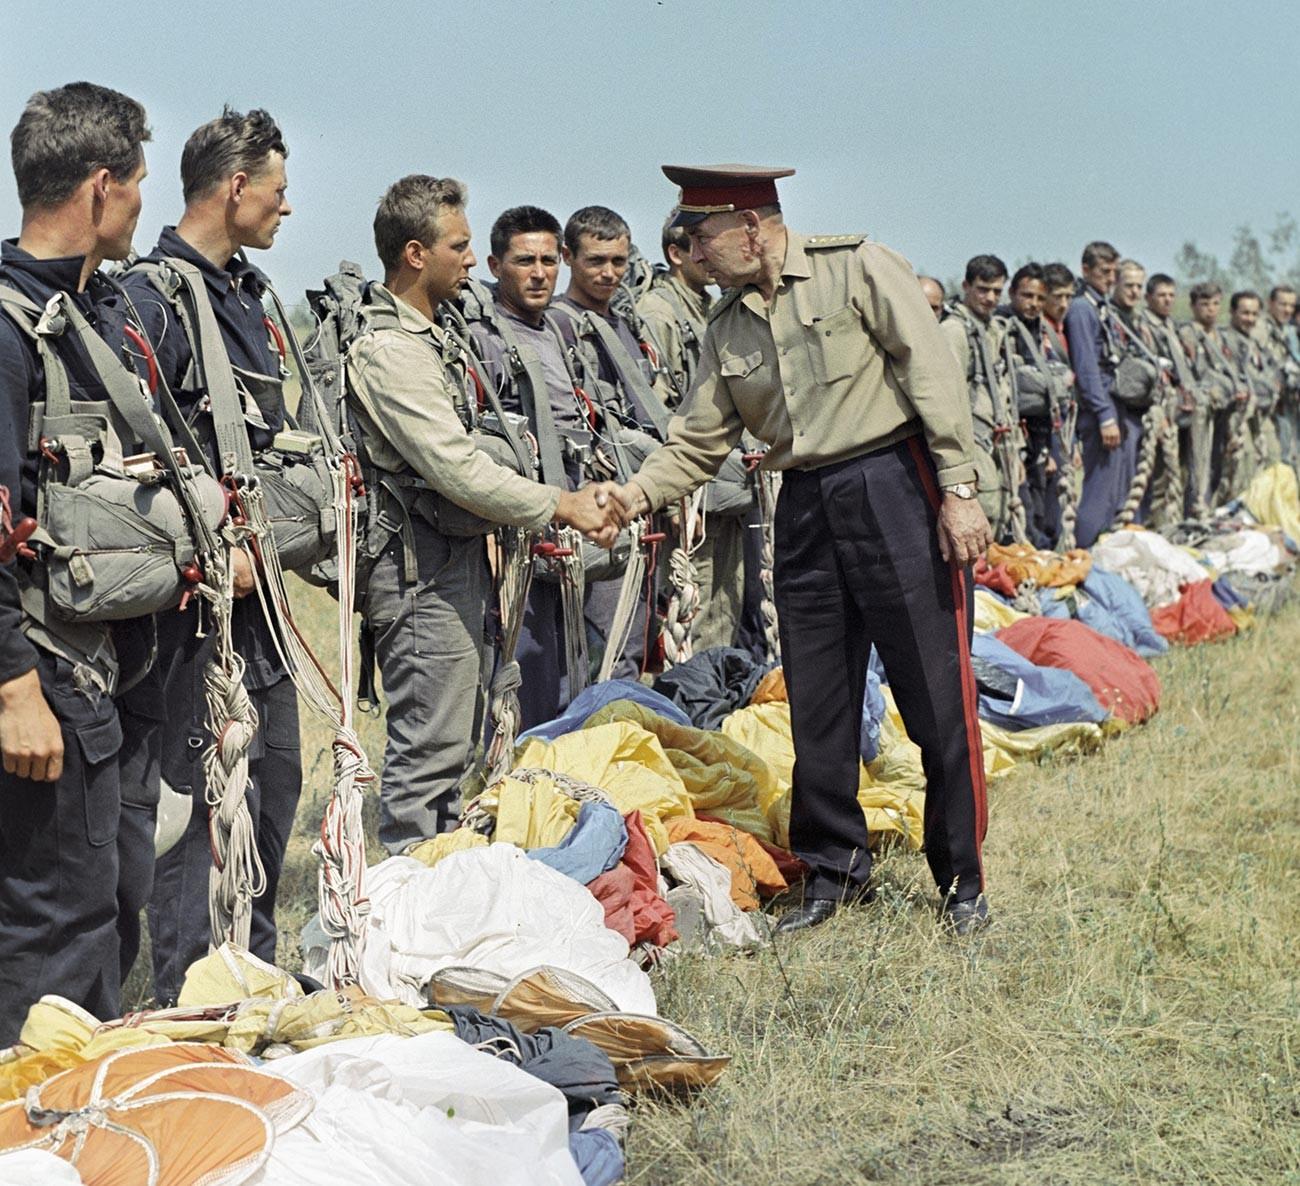 Командующий ВДВ генерал армии Василий Маргелов благодарит десантников за отлично проведенную учебу.